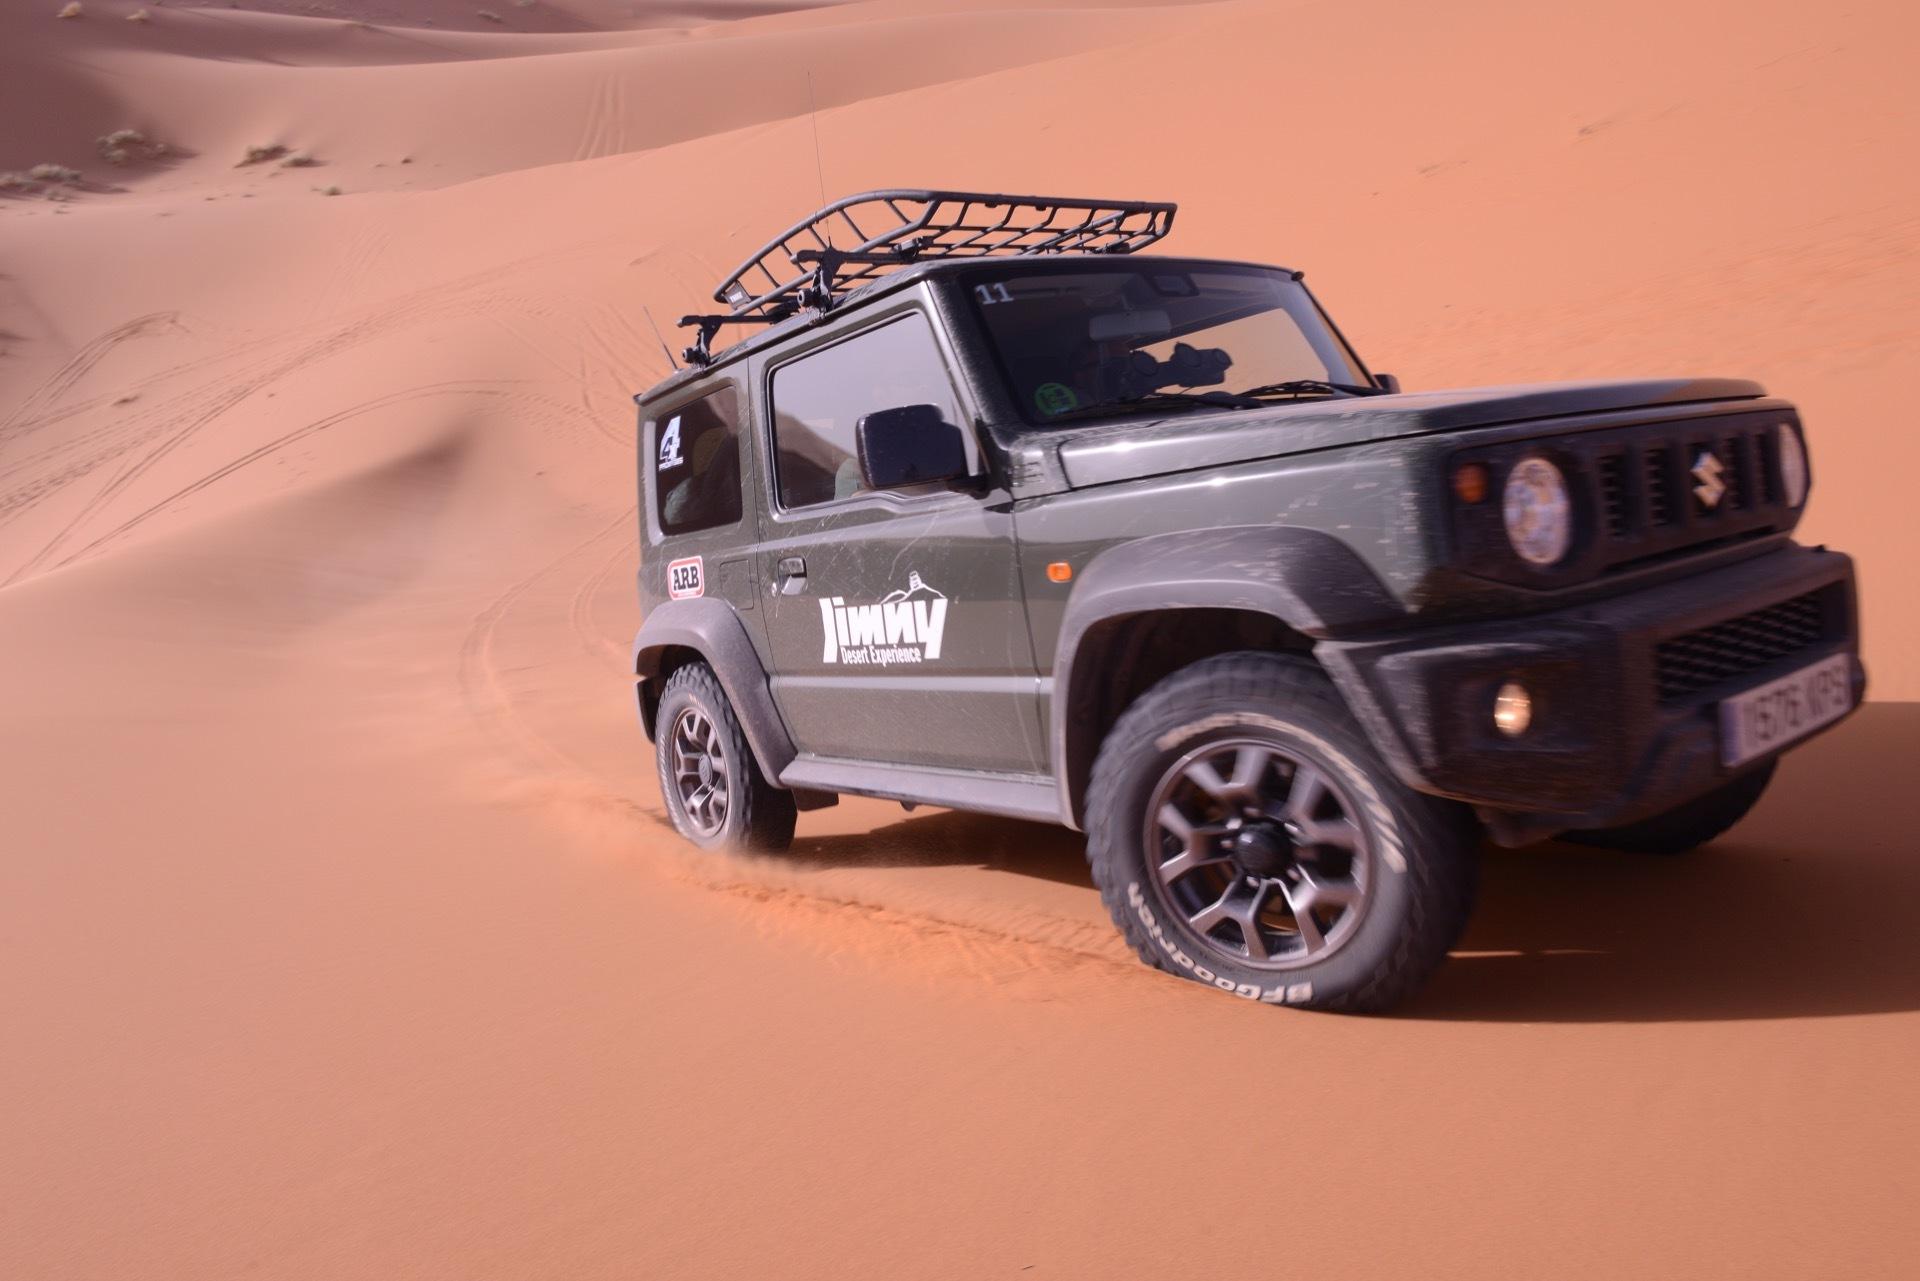 Suzuki Jimny Desert Experience 2019 00165